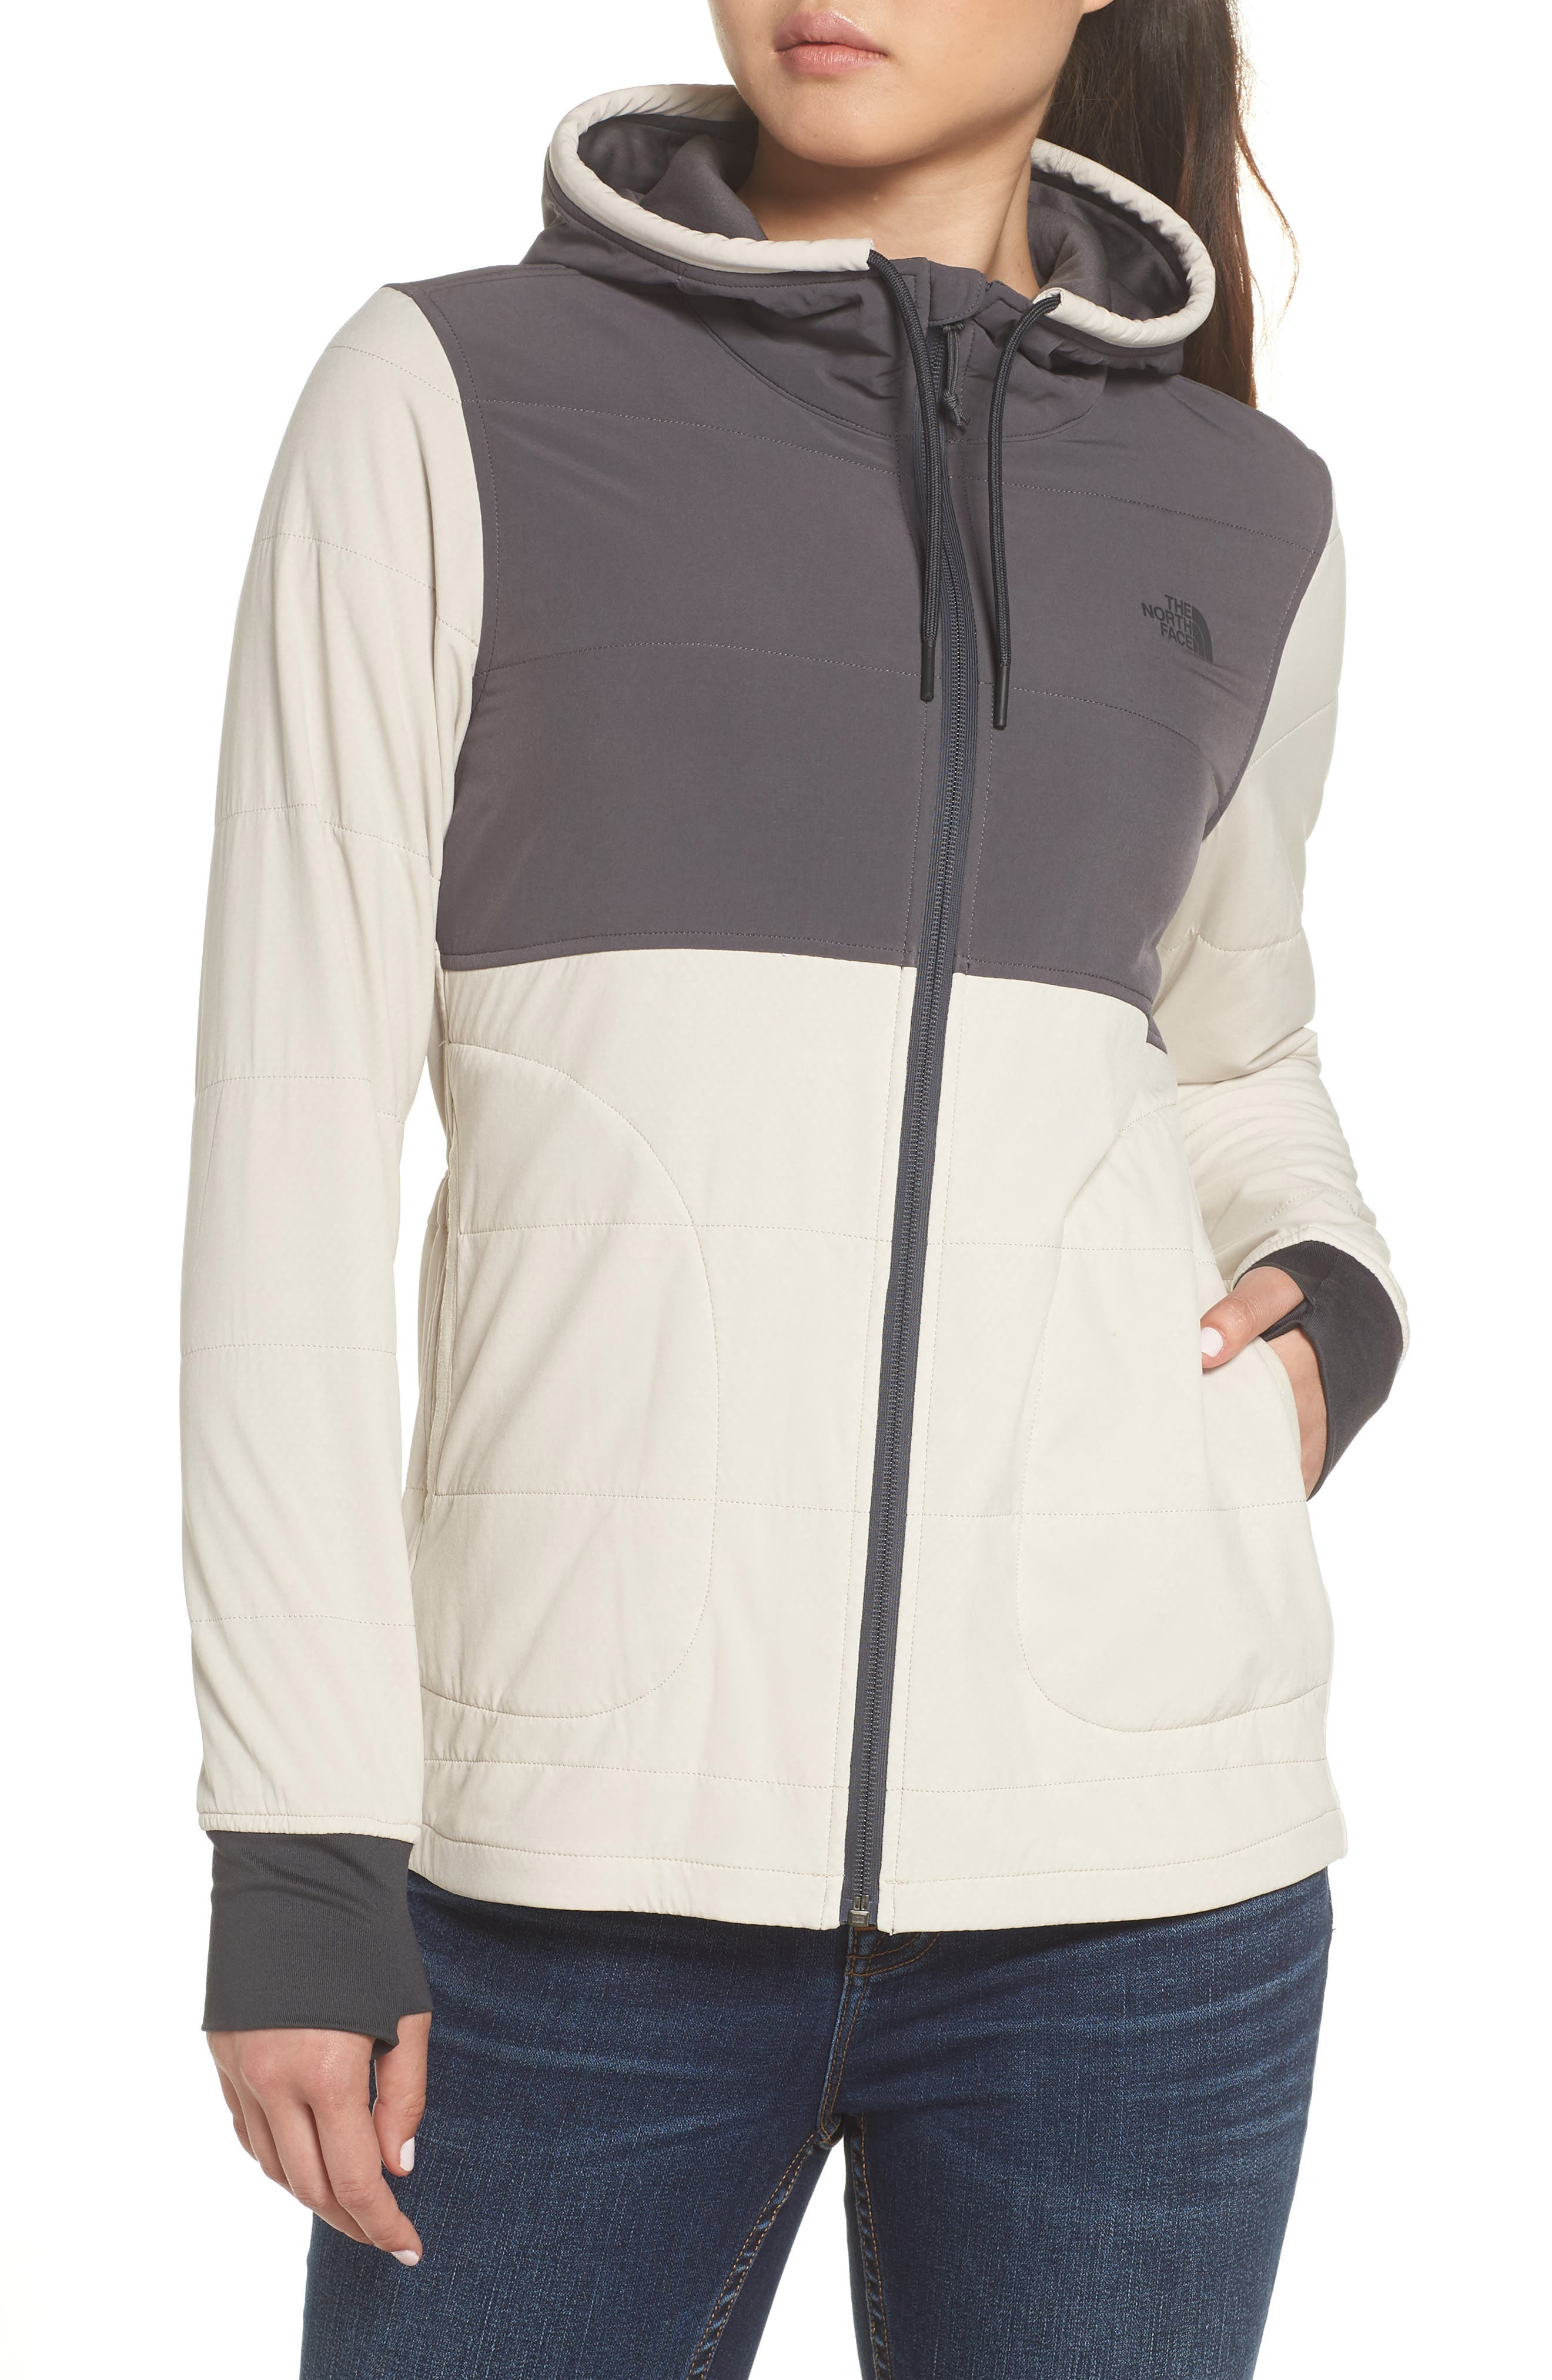 Mountain Zip Hooded Sweatshirt,                             Alternate thumbnail 4, color,                             PEYOTE BEIGE/ GRAPHITE GREY